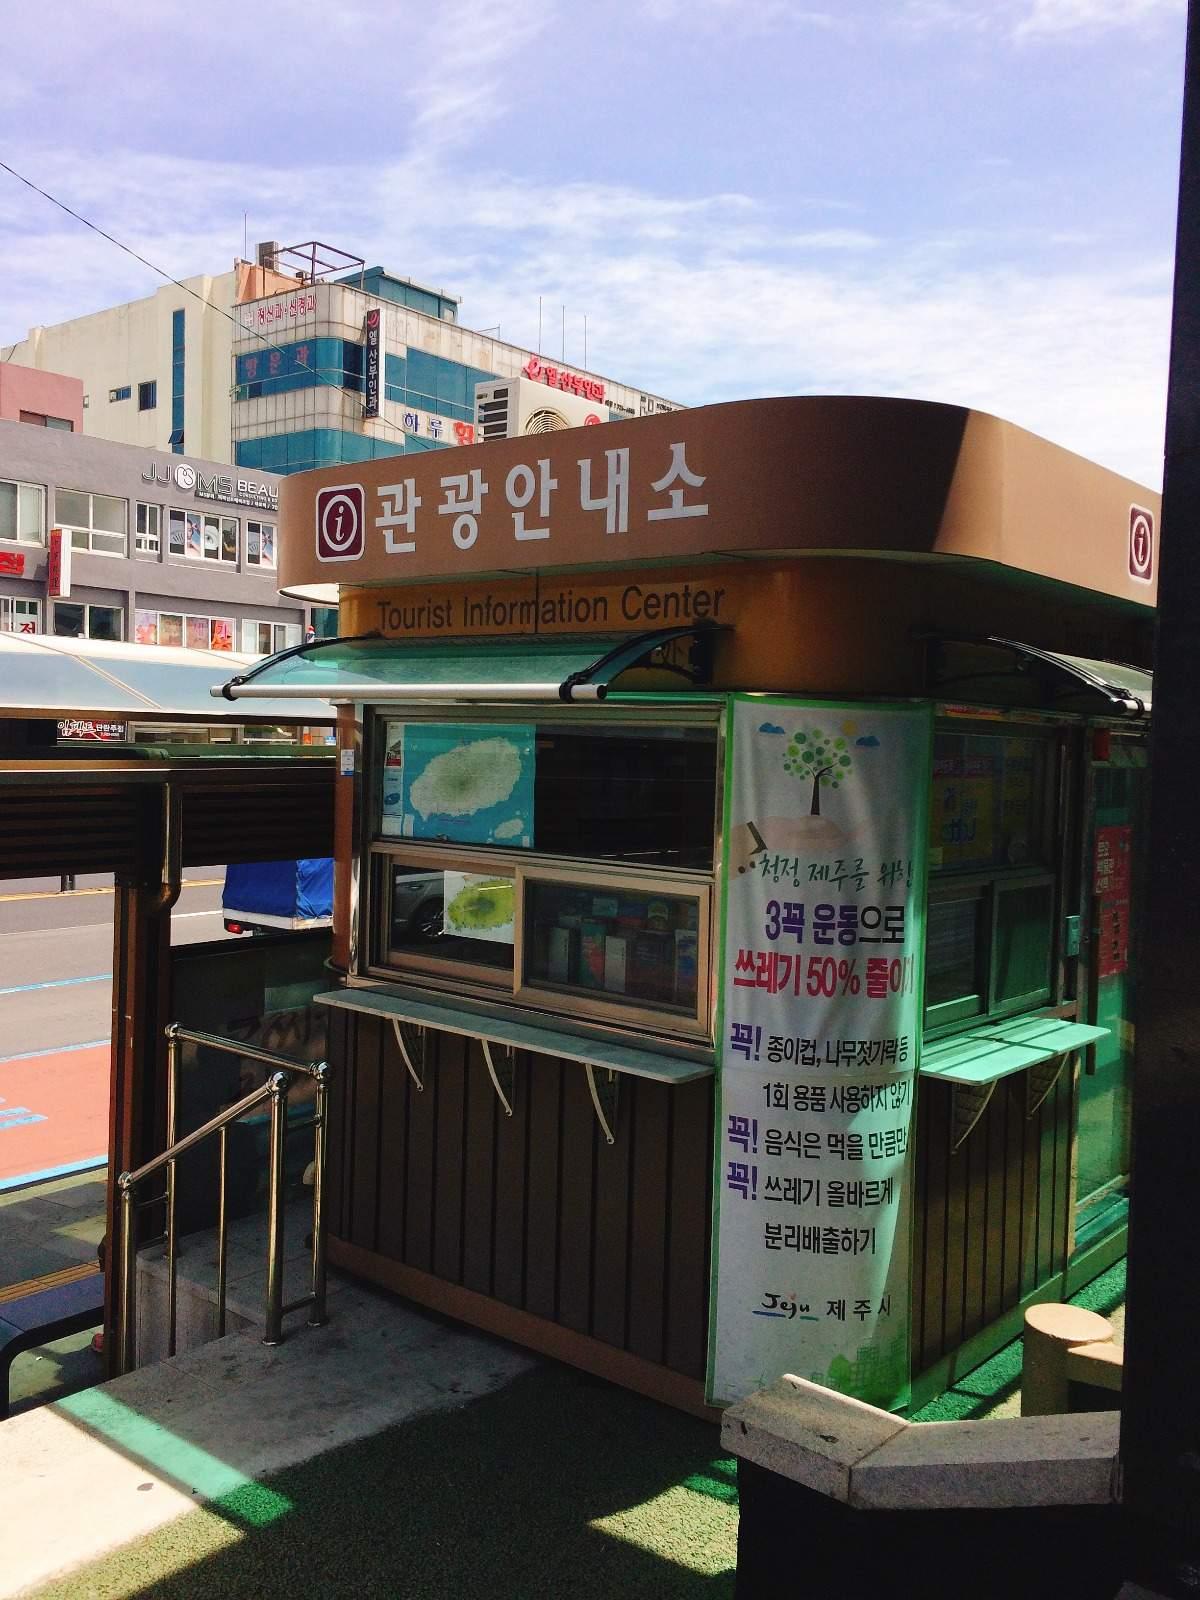 位於濟州市中心的濟州巴士總站門外,還有專為遊客而設的詢問處,職員會告知有什麼巴士可以直達該景點。